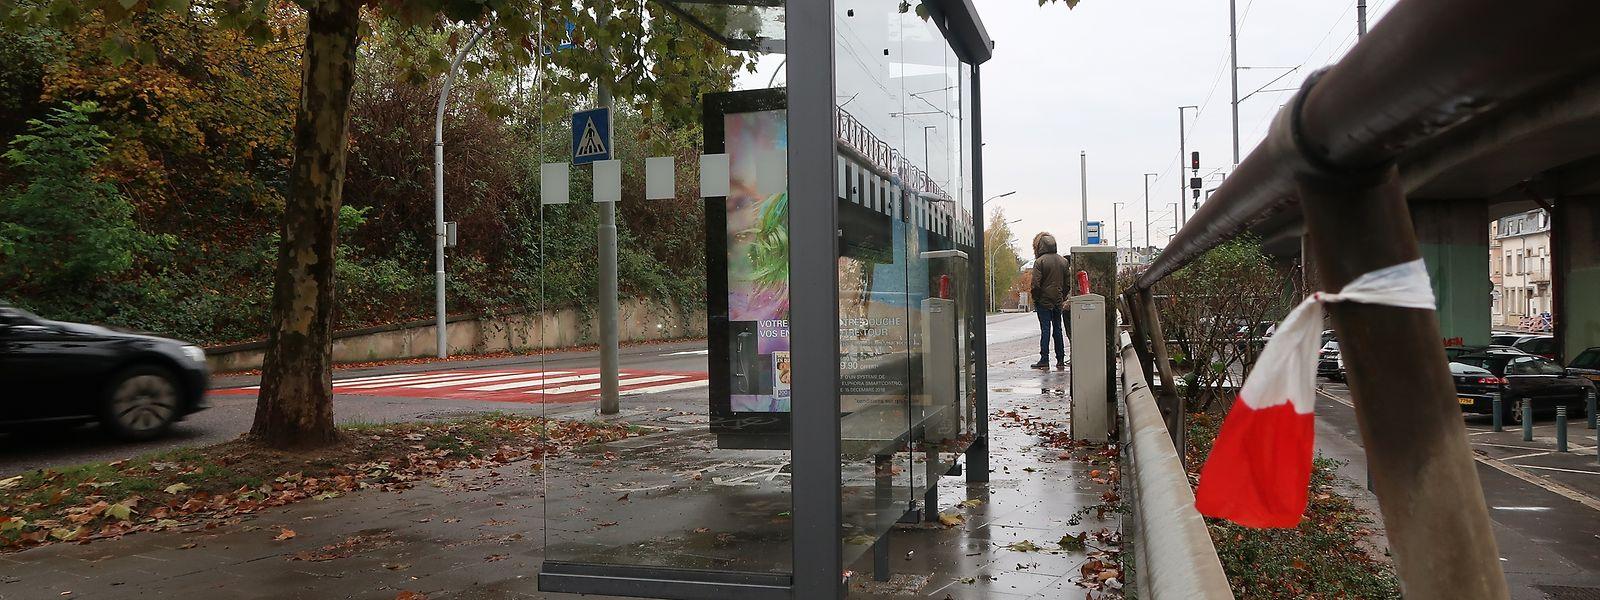 Der Tatort liegt in der Avenue des Terres Rouges in Esch/Alzette.